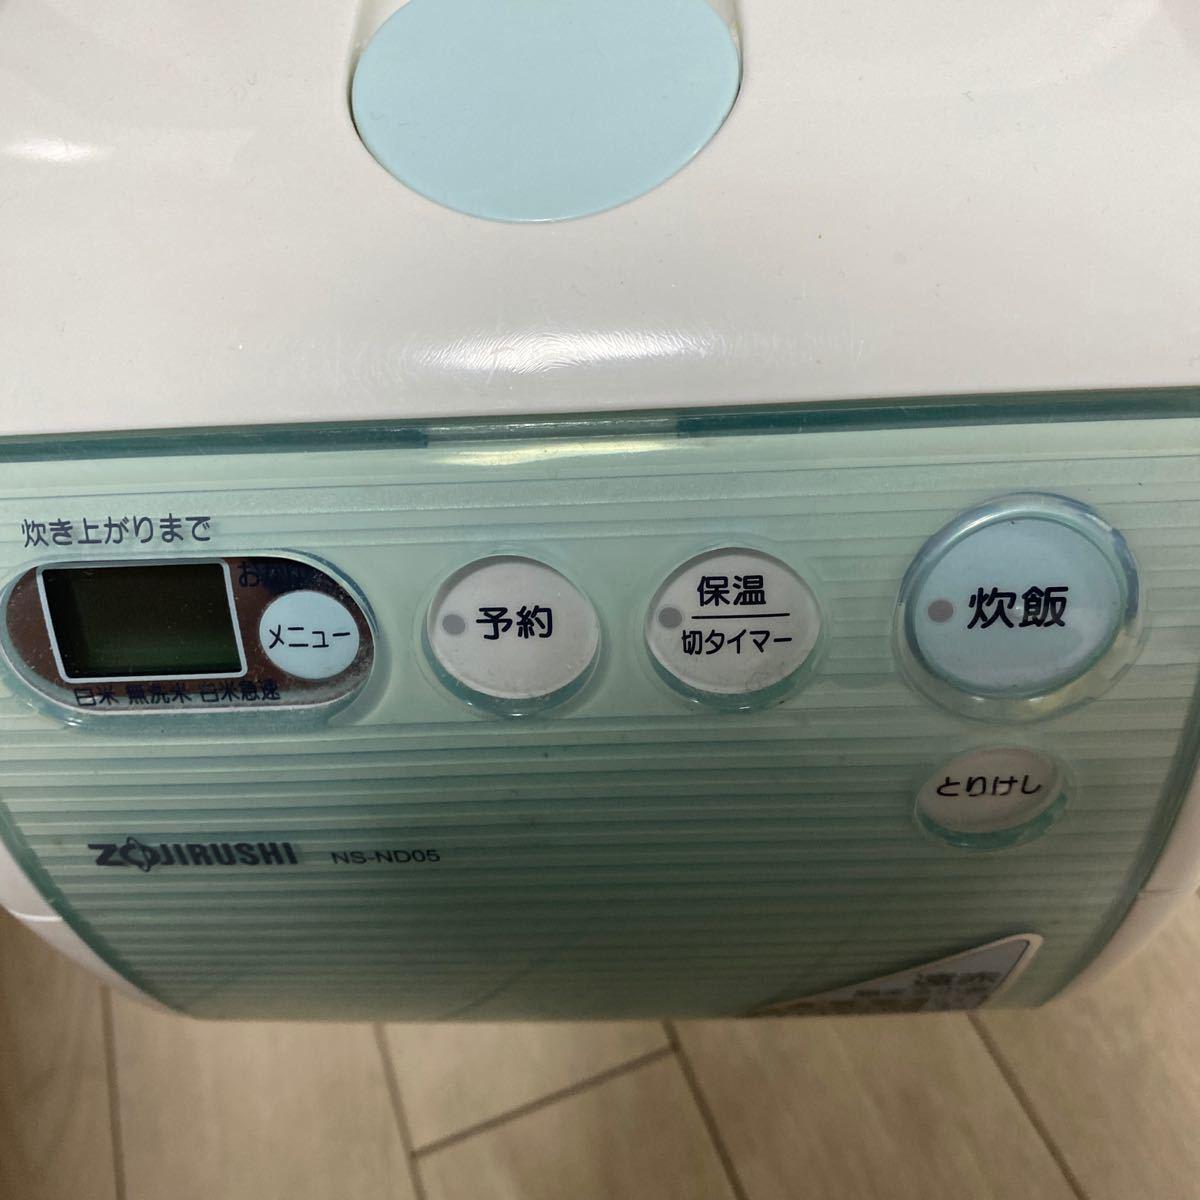 ZOJIRUSHI NS-ND05  象印 マイコン炊飯ジャー 炊飯器 3合 中古 値下げ不可